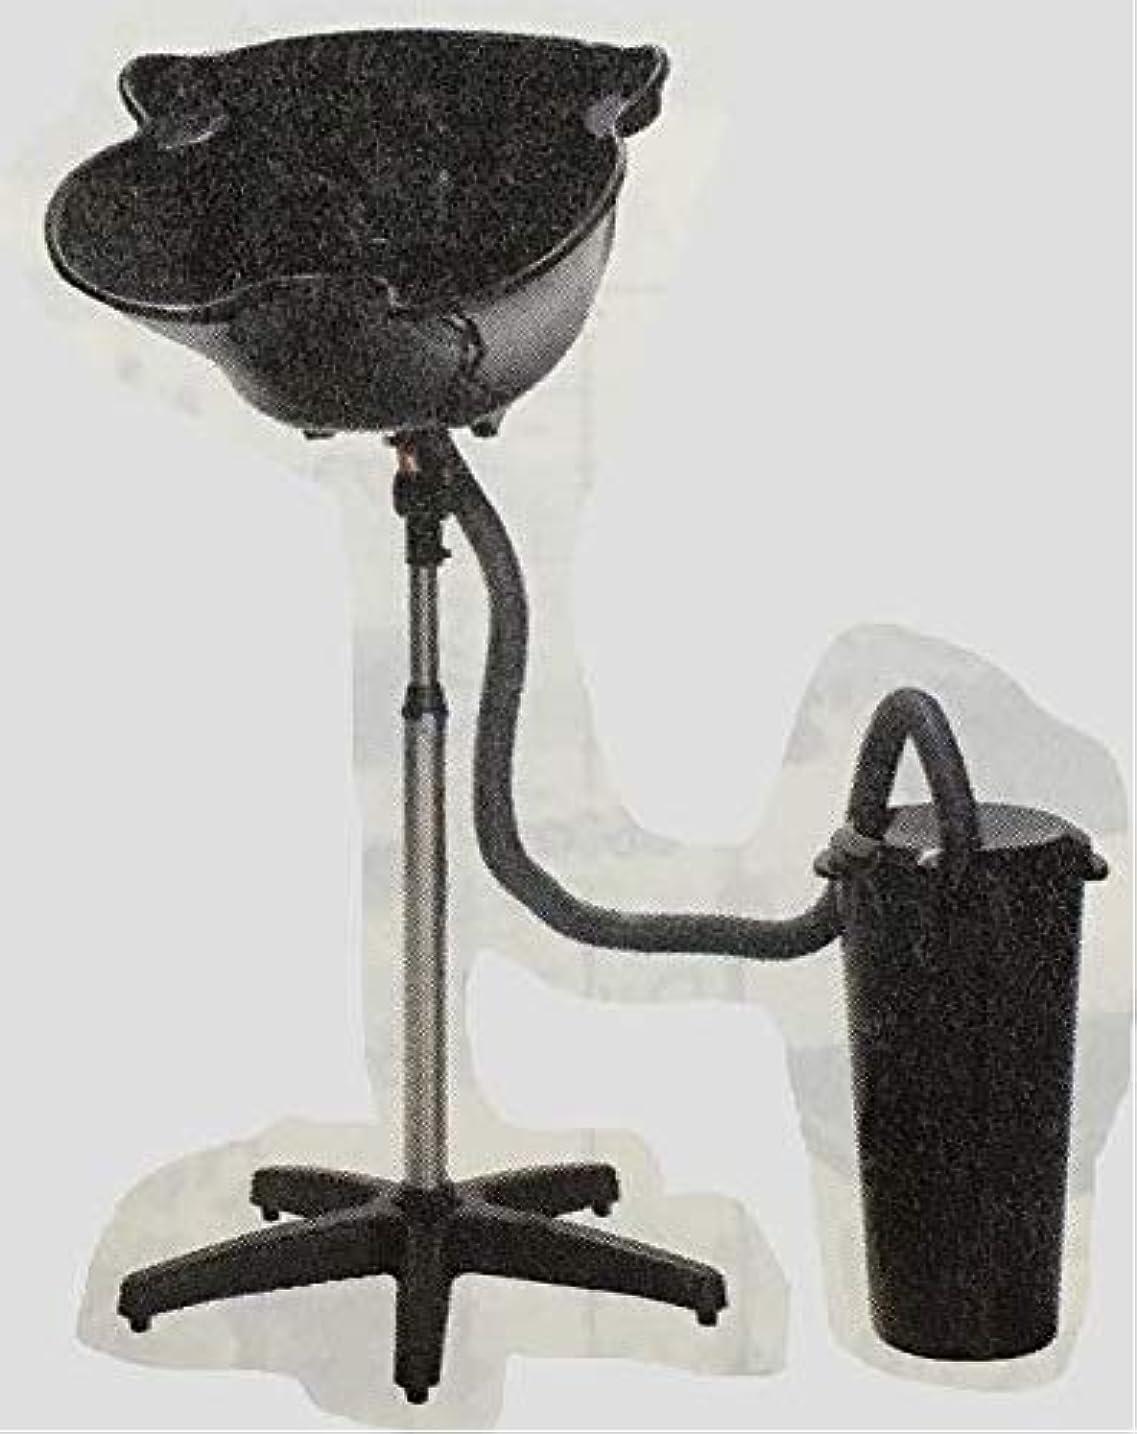 期間不合格情緒的簡易式シャンプー台 (排水バケツ付)